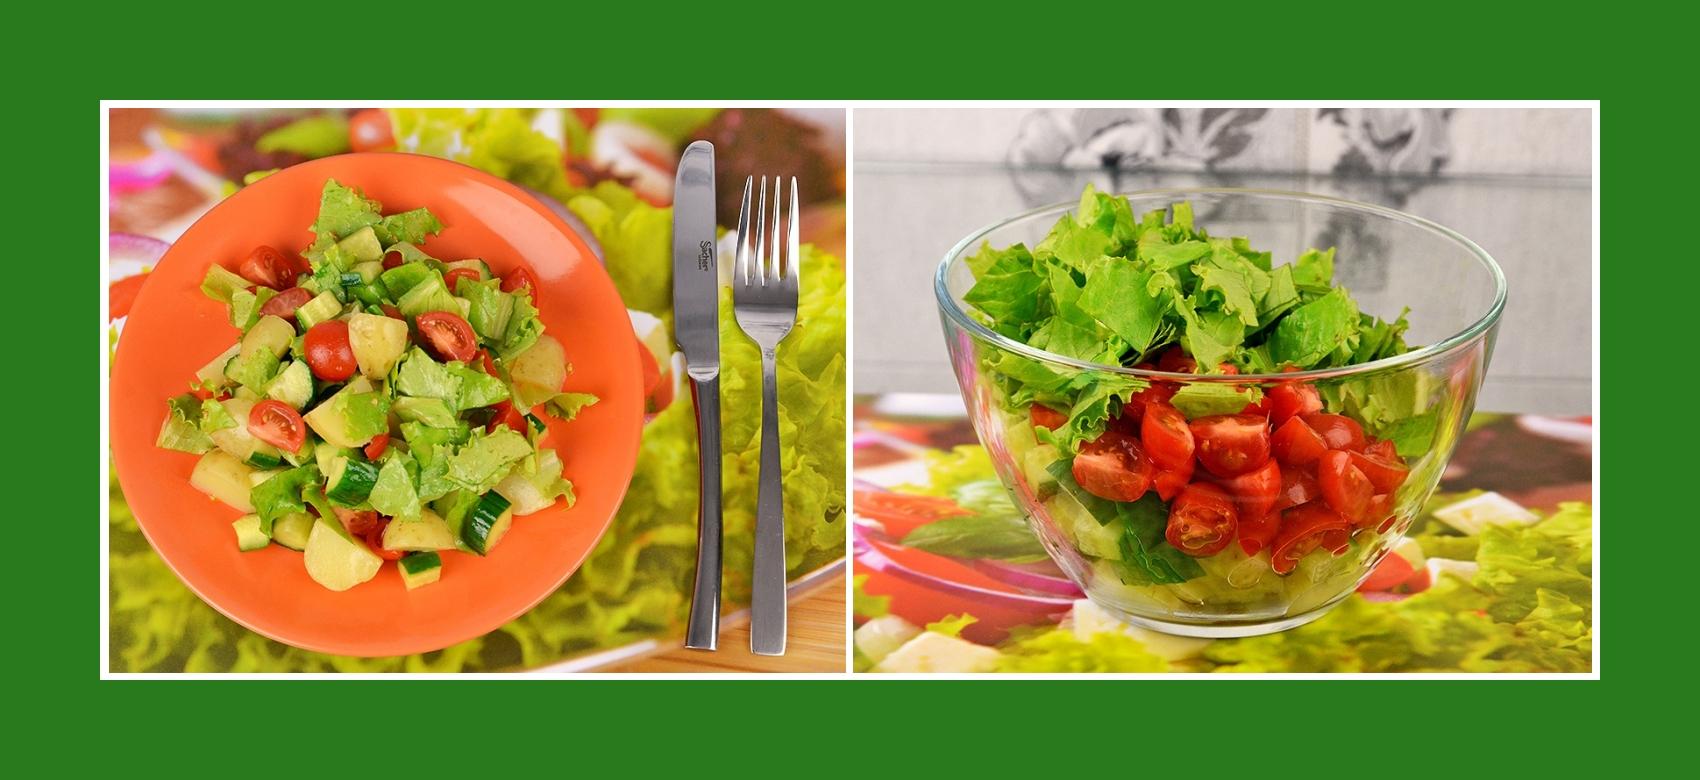 Frühkartoffelsalat mit Cherrytomaten, Gurken und Salat